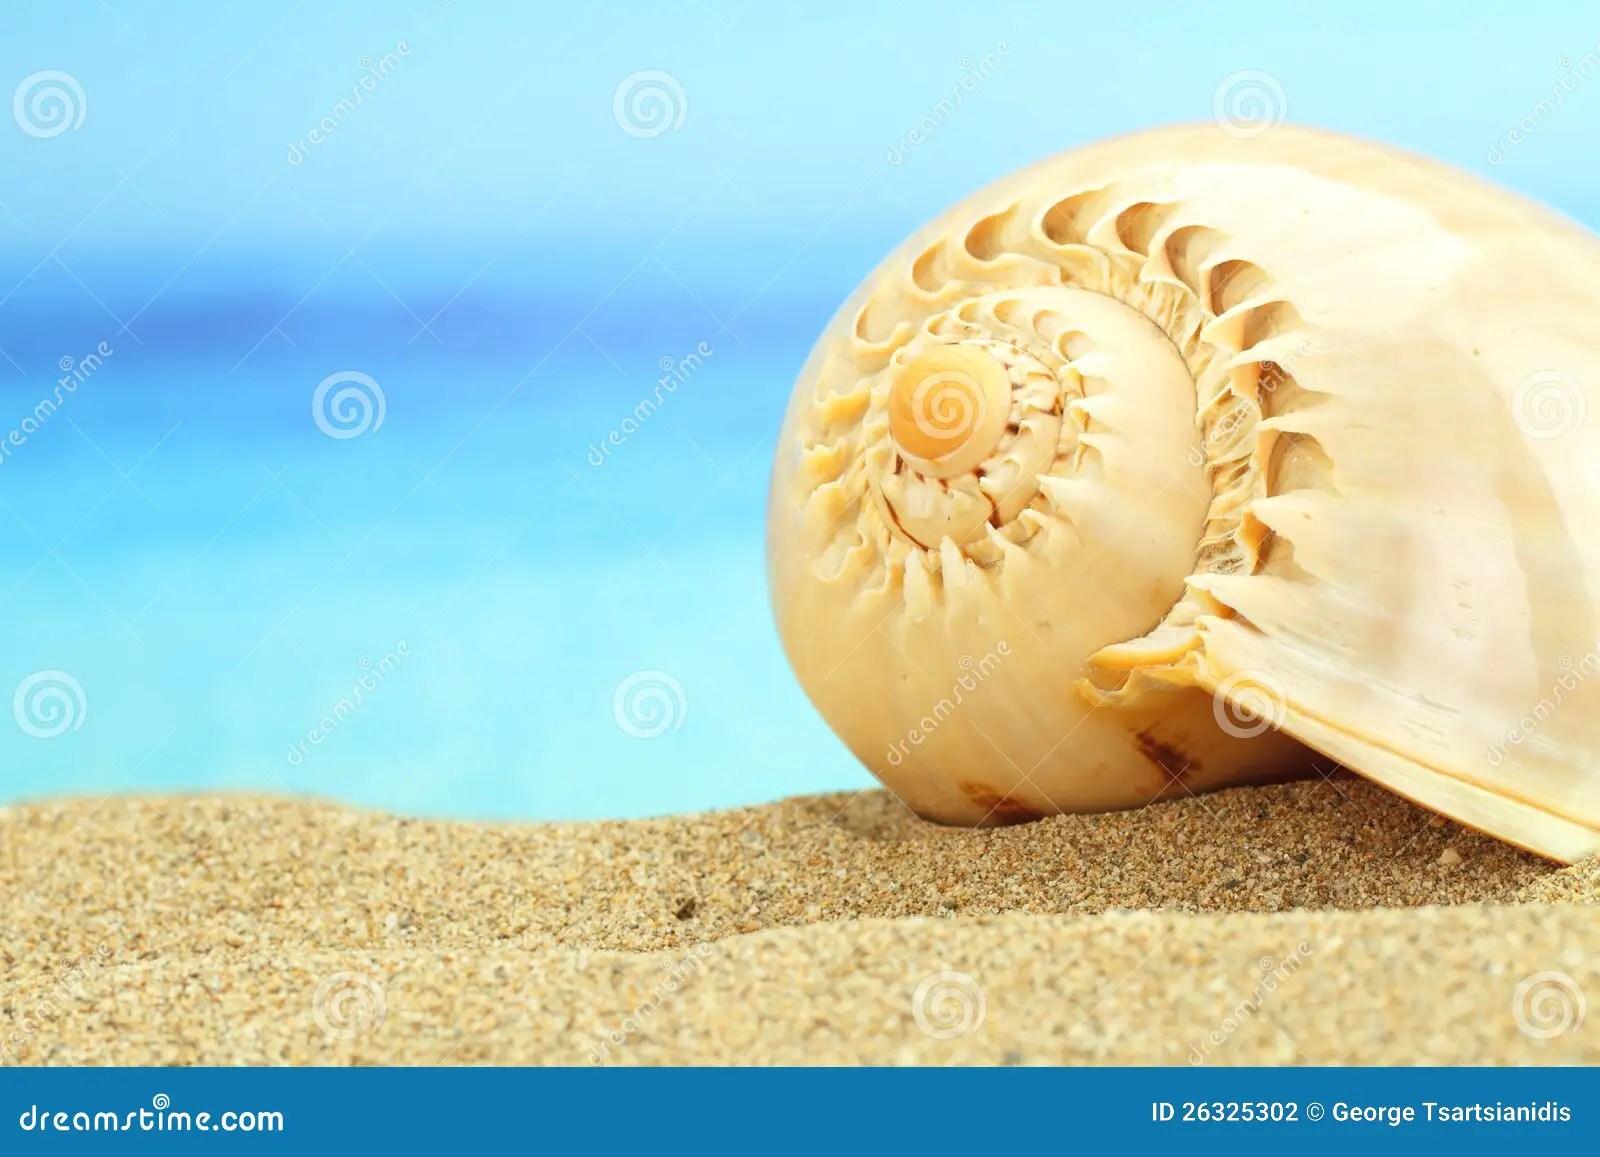 腹足動物的殼 圖庫攝影 - 圖片: 26325302